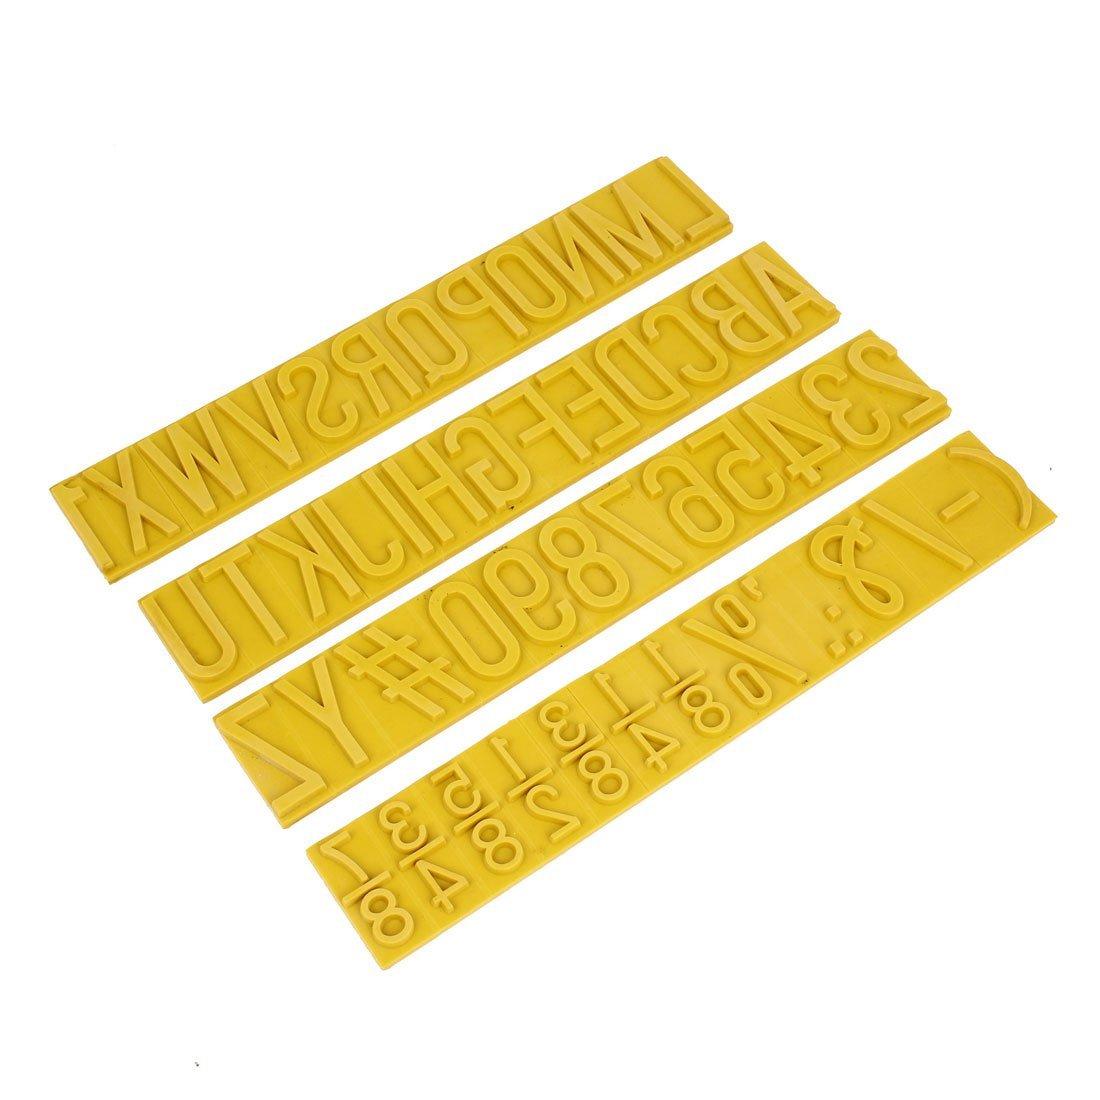 Rodillo impresora Printing 3,81 cm fracción de letra baluarte ...